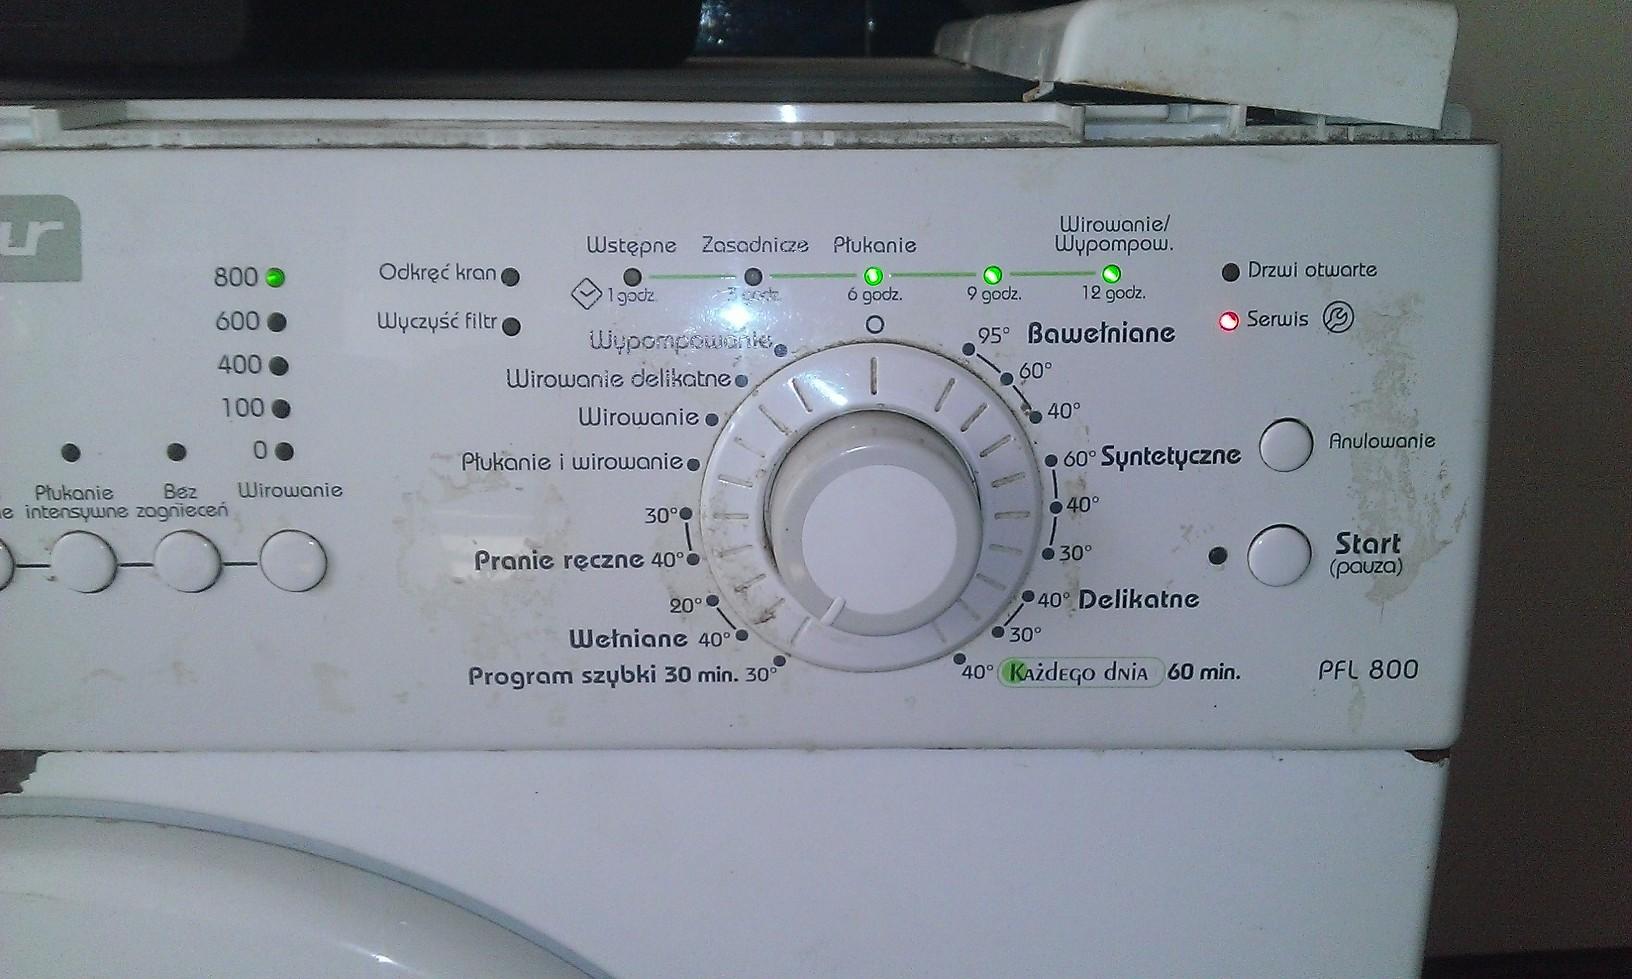 polar pfl800 - b��d podczas prania.